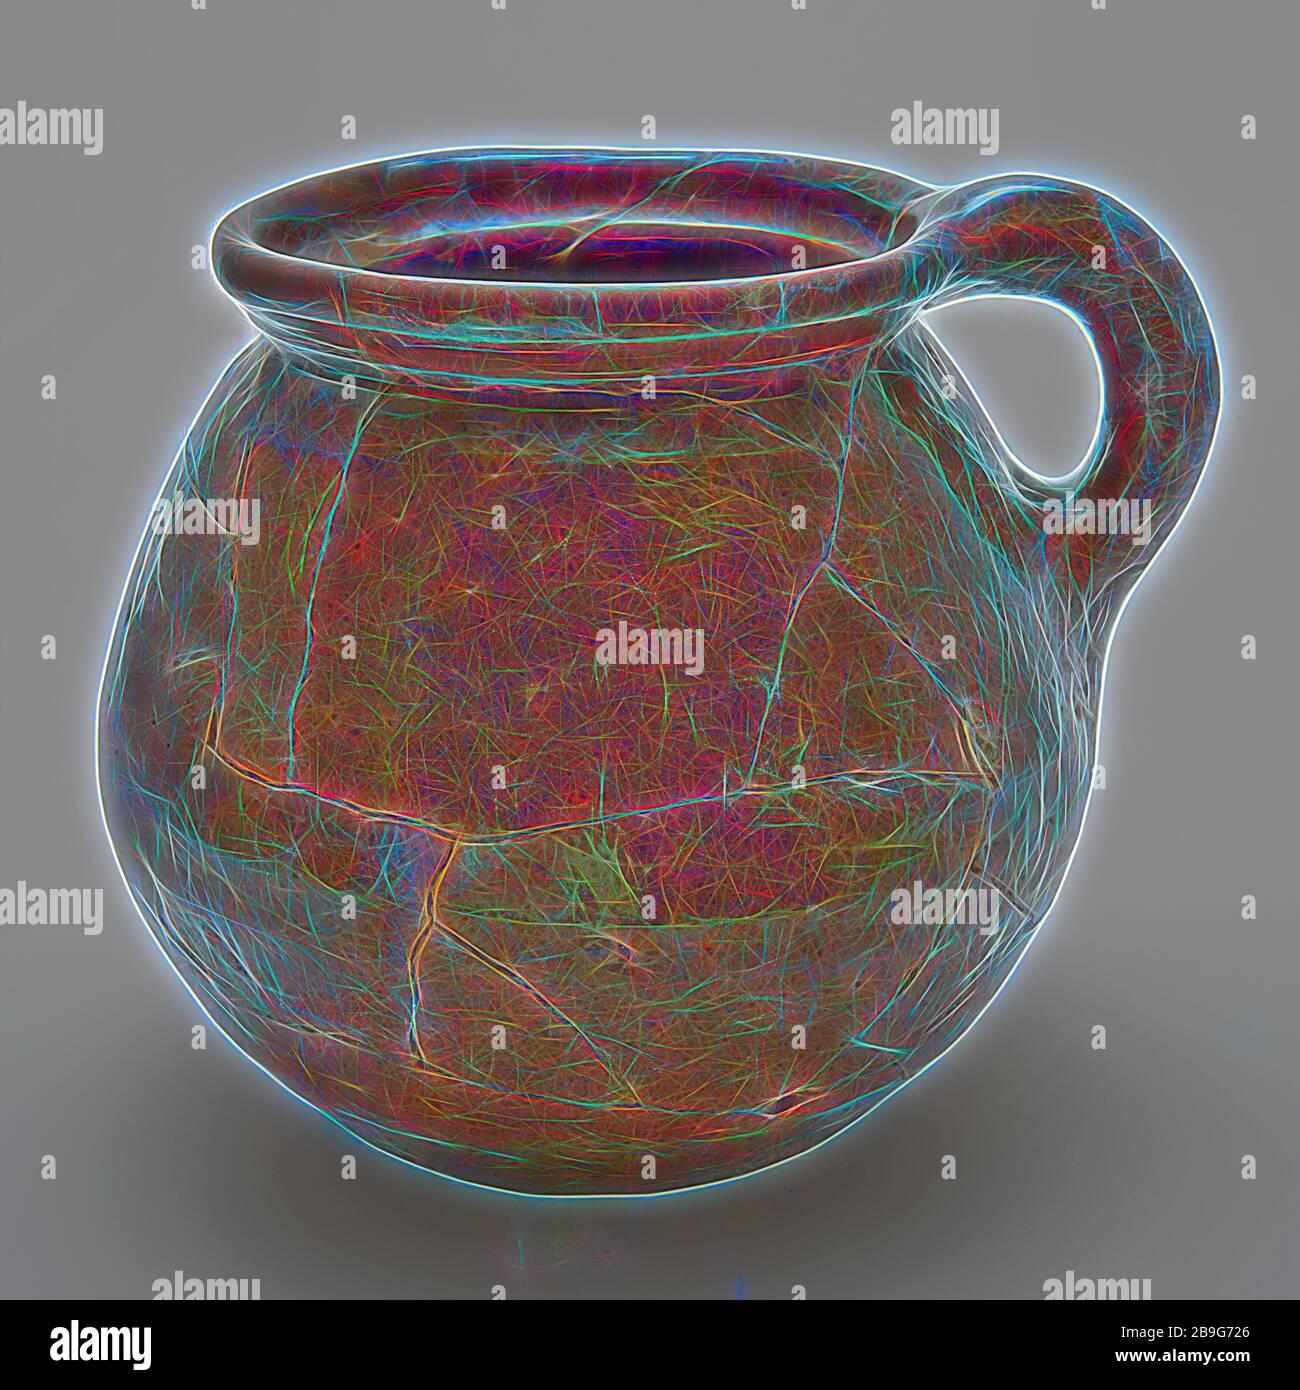 PORTAVASO ROTONDO onde SLIM 3d FIORI VASO Scanalato Set 4 colori 3 dimensioni inserto